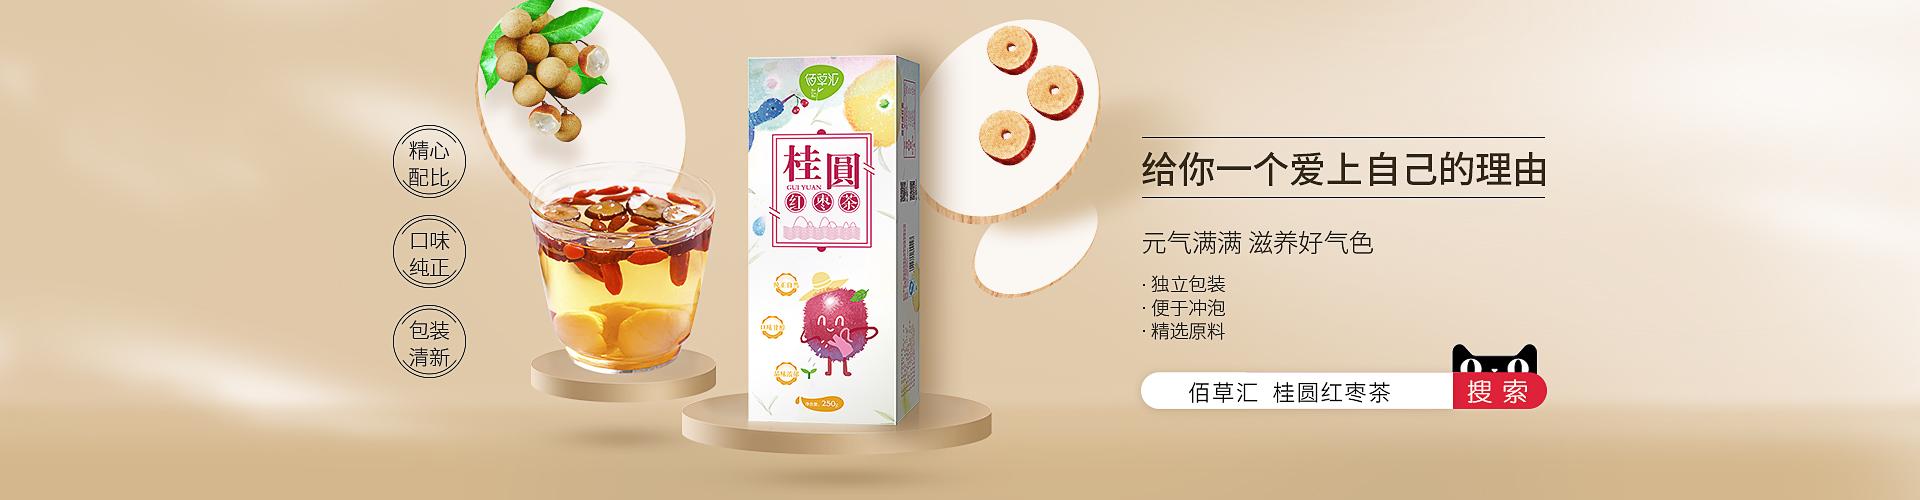 佰草汇桂圆红枣茶